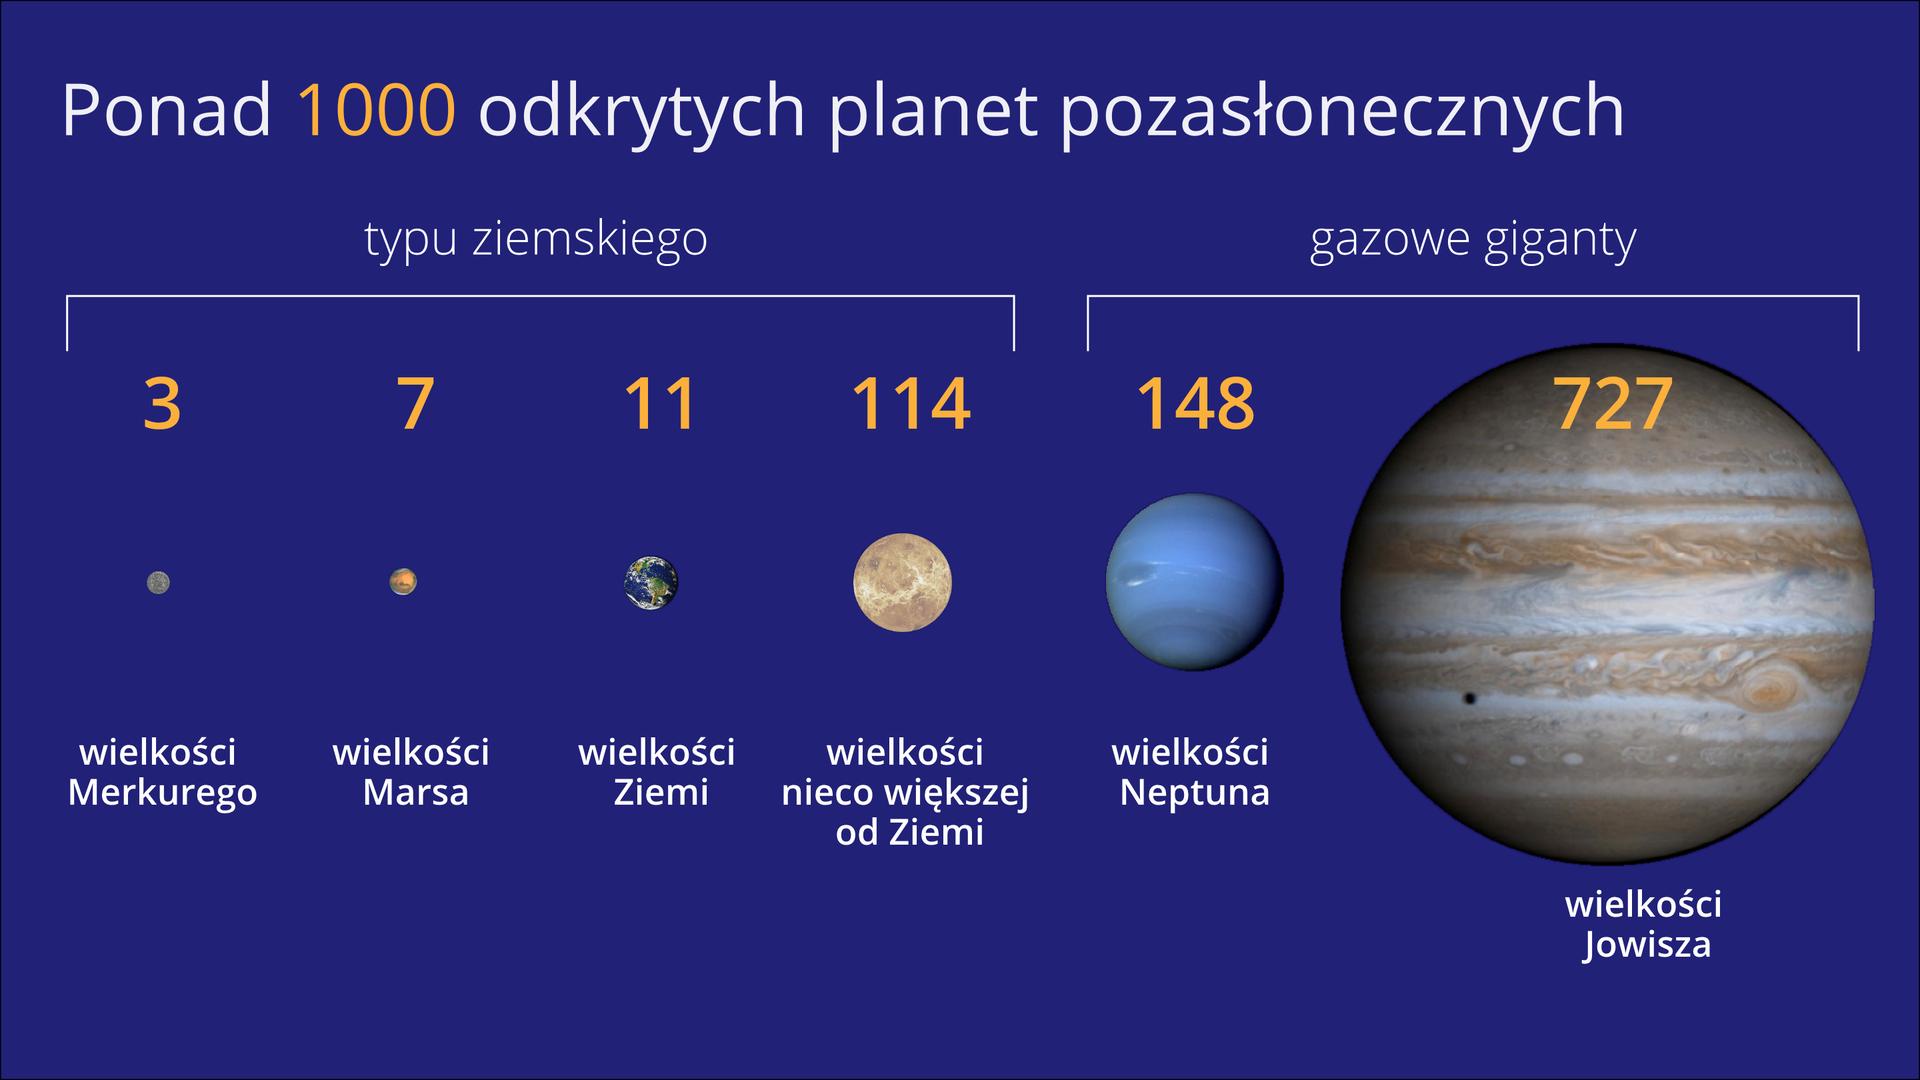 Ilustracja przedstawia ilość planet spoza Układu Słonecznego odkrytych do 2013 roku. Na górze ilustracji napis: Ponad tysiąc odkrytych planet pozasłonecznych. Poniżej sześć planet ułożonych wpoziomym szeregu. Od najmniejszej po lewej do największej po prawej stronie. Po lewej cztery planety zaznaczone poziomą prostokątną klamrą. To planety typu ziemskiego. Od lewej: najmniejsza wielkości Merkurego. Powyżej liczba trzy. Następna – wielkości Marsa. Powyżej liczba siedem. Trzecia – wielkości Ziemi. Powyżej liczba jedenaście. Czwarta wielkości nieco większej od Ziemi. Powyżej liczba sto czternaście. Dwie kolejne planety to gazowe giganty. Oddzielone od pozostałych poziomą prostokątną klamrą. Pierwsza niebieska wielkości Neptuna. Powyżej liczba sto czterdzieści osiem. Druga dużo większa to planeta wielkości Jowisza. Liczba odkrytych tego typu planet to siedemset dwadzieścia siedem.